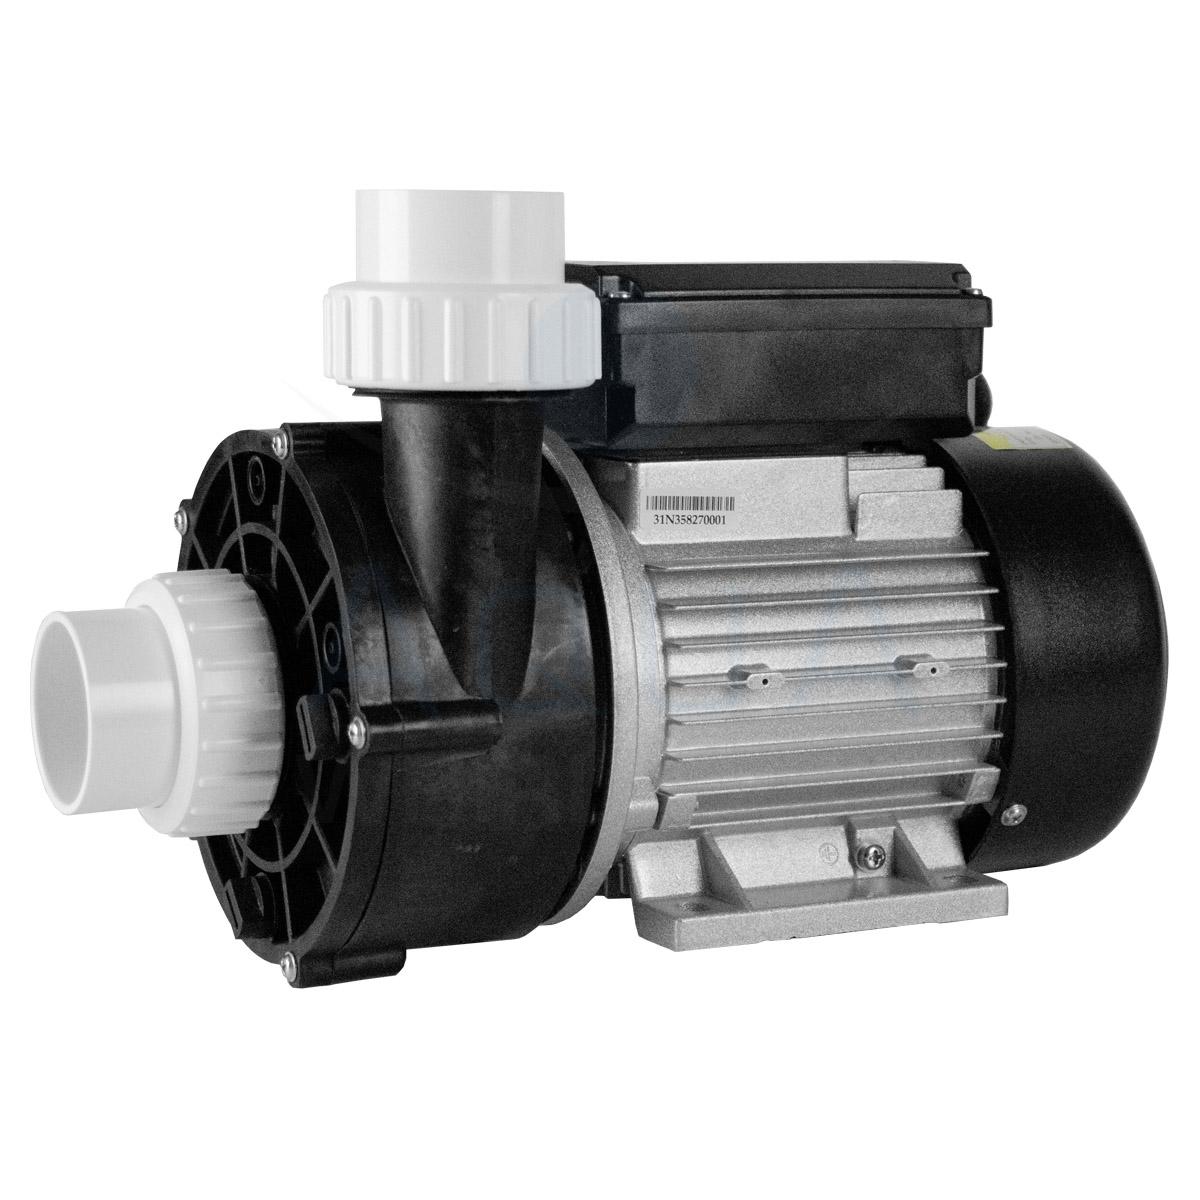 Lx Whirlpool Pumpe Wtc50m Aqua Whirlpools